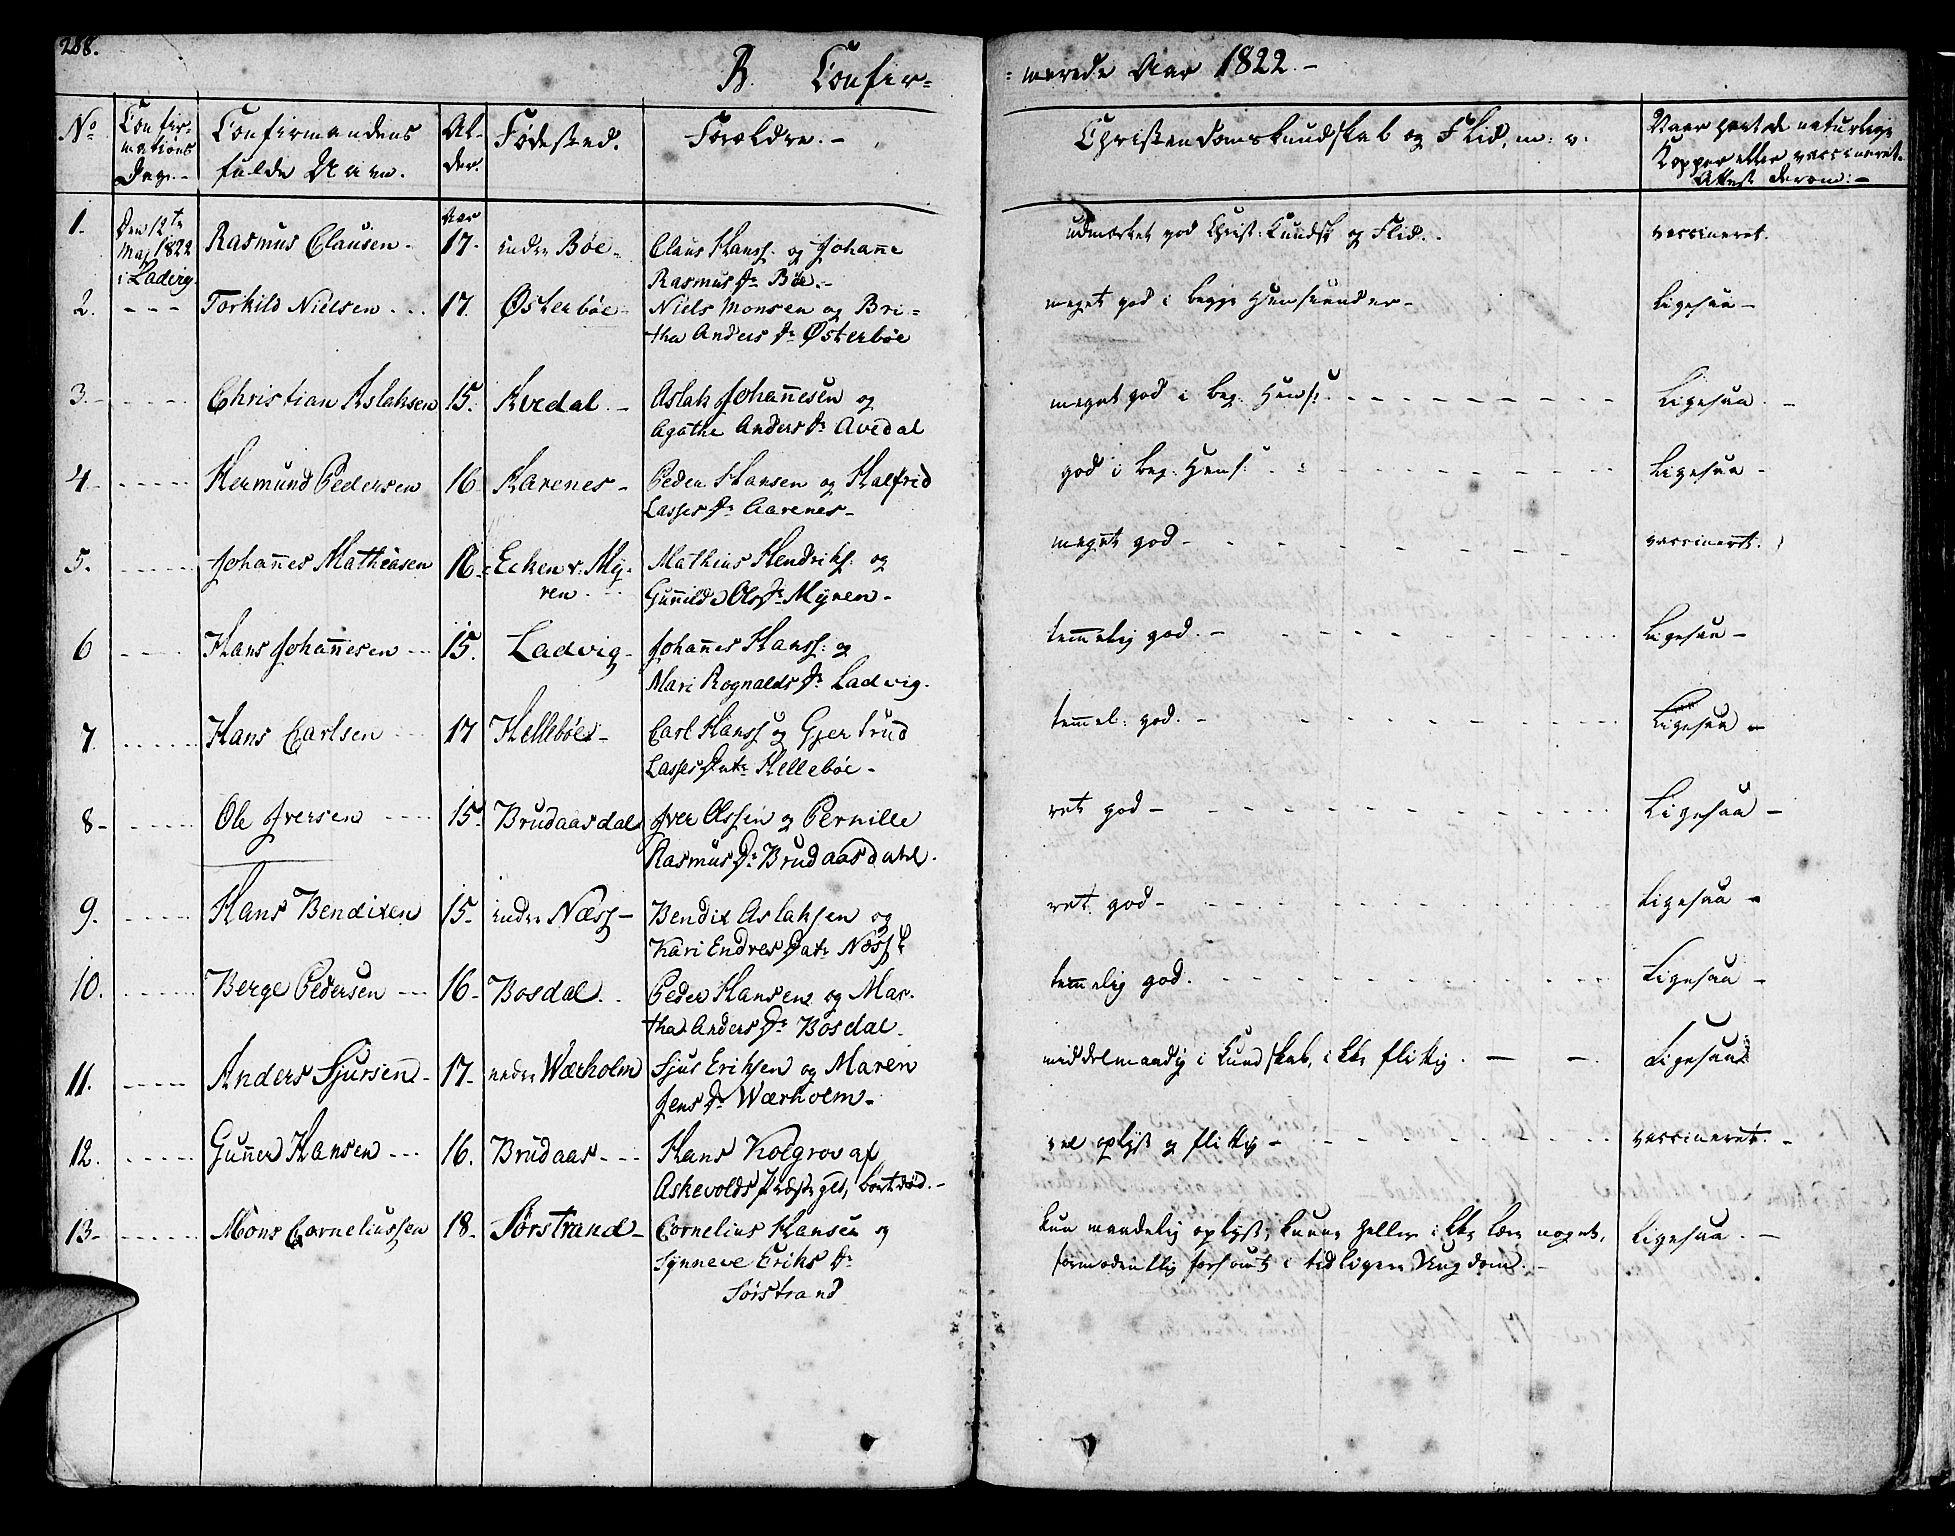 SAB, Lavik sokneprestembete, Ministerialbok nr. A 2I, 1821-1842, s. 288